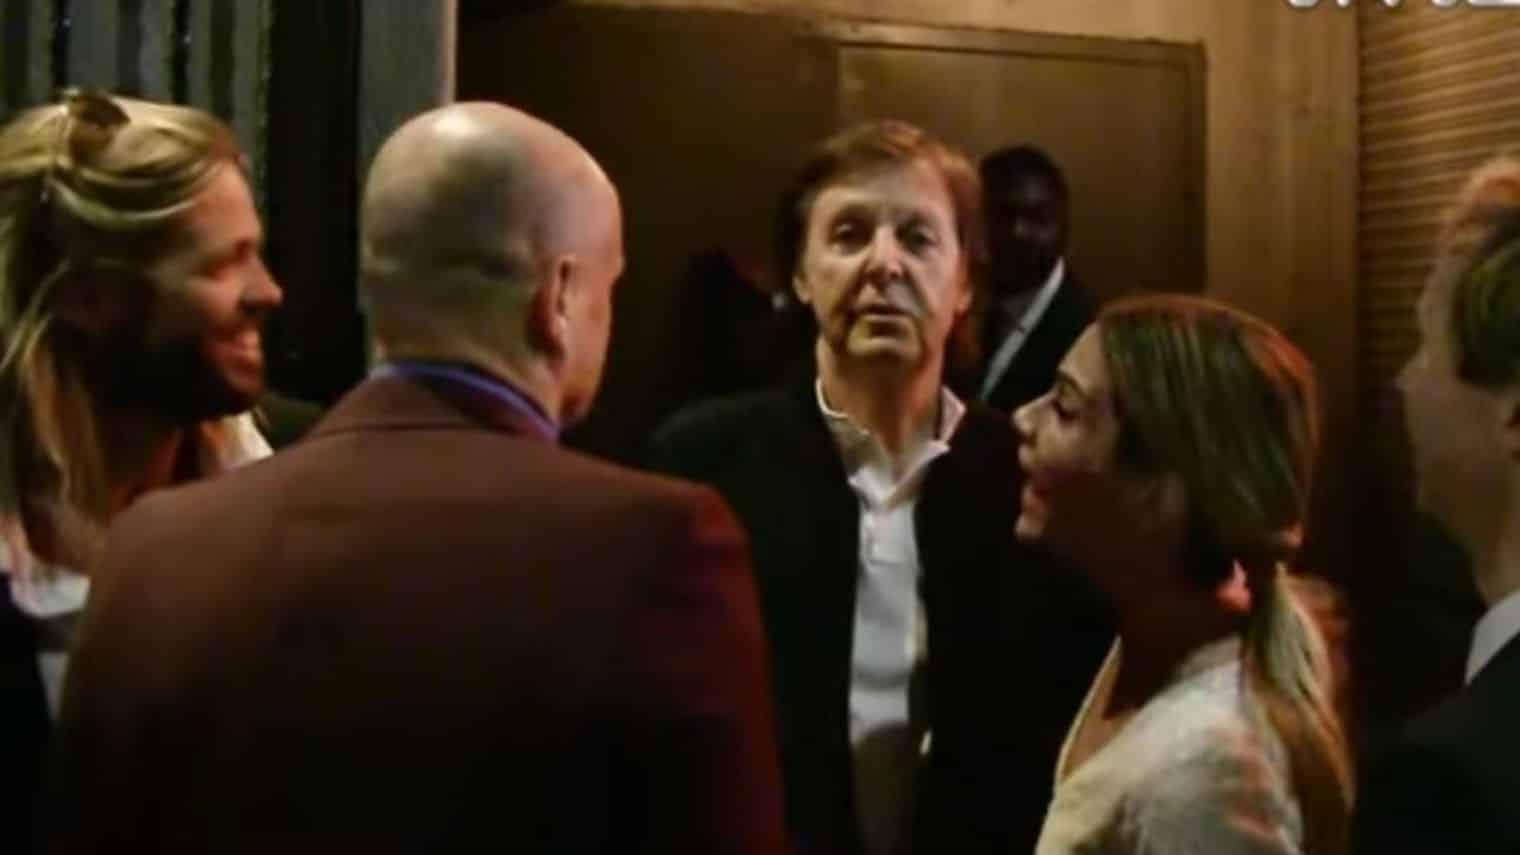 Paul McCartney refoulé d'une boîte de nuit après les Grammys